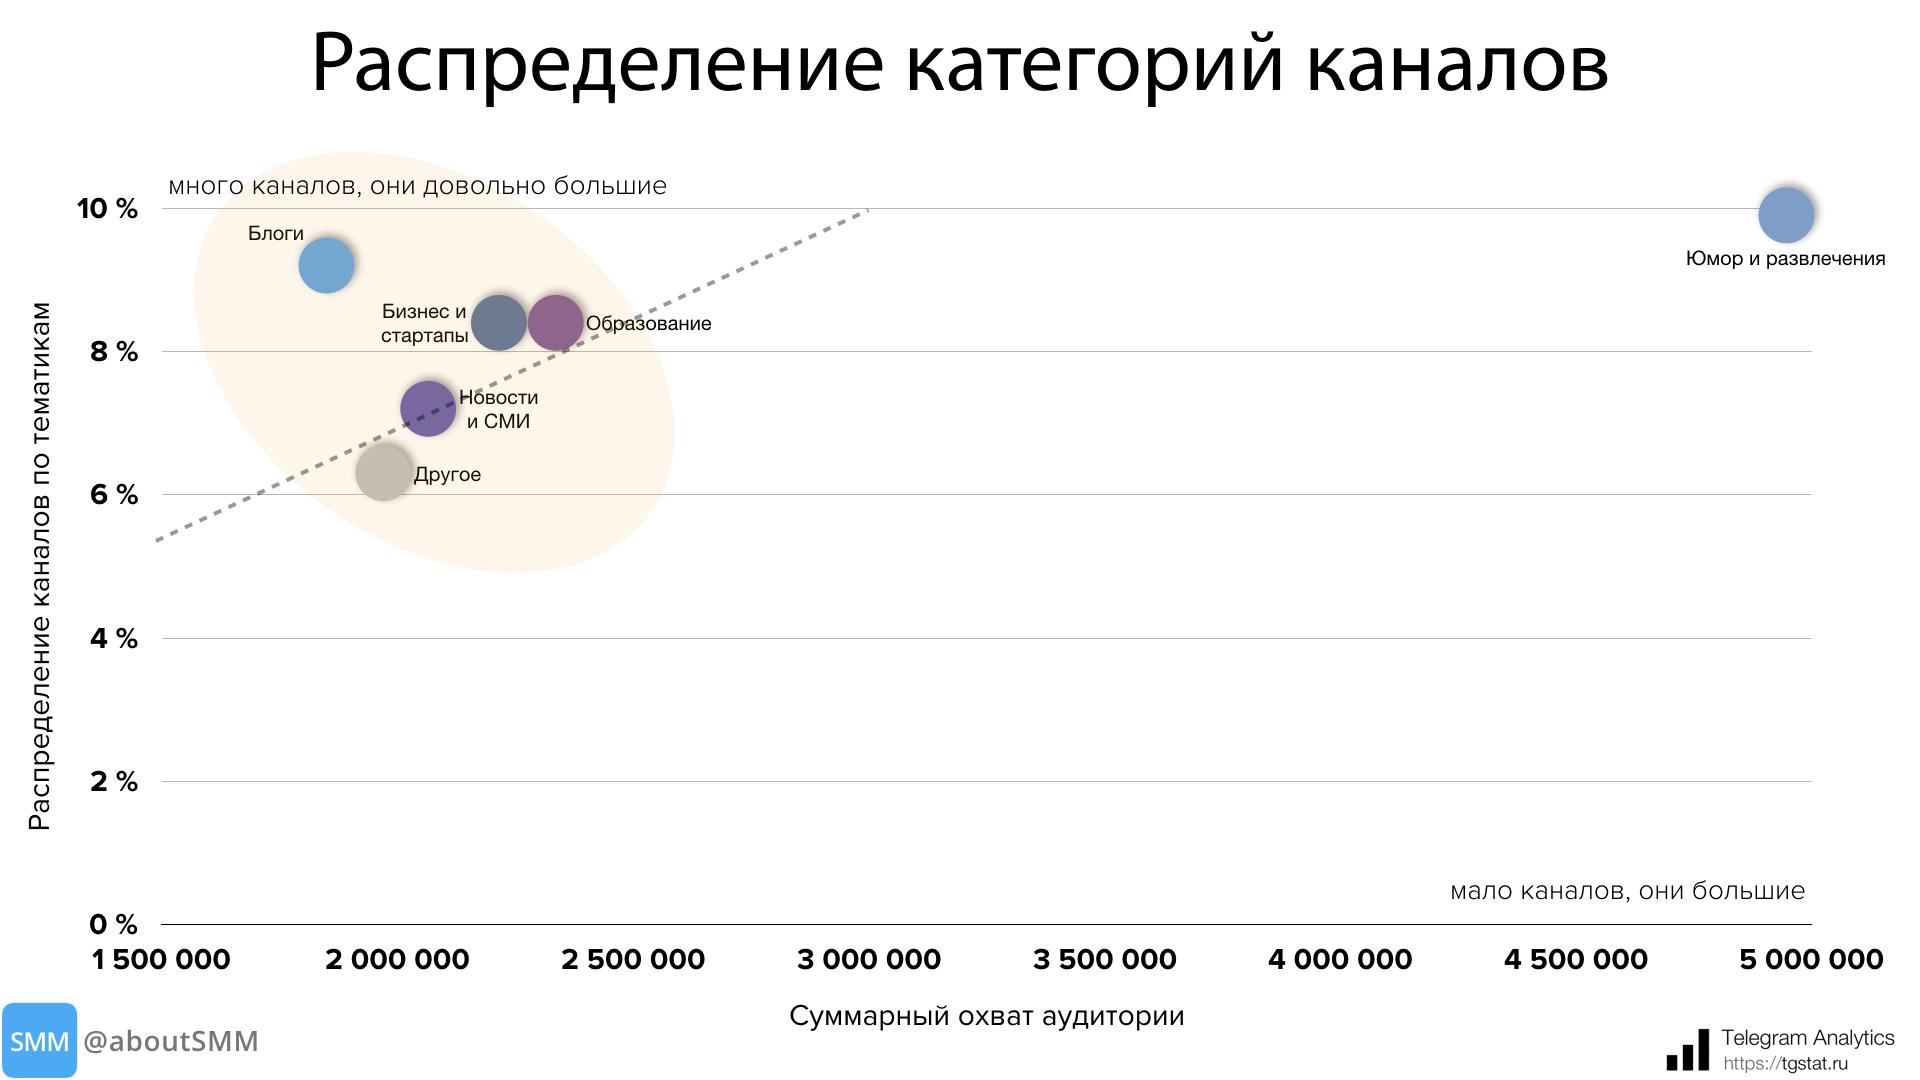 изображение: статистика категории каналов в телеграм